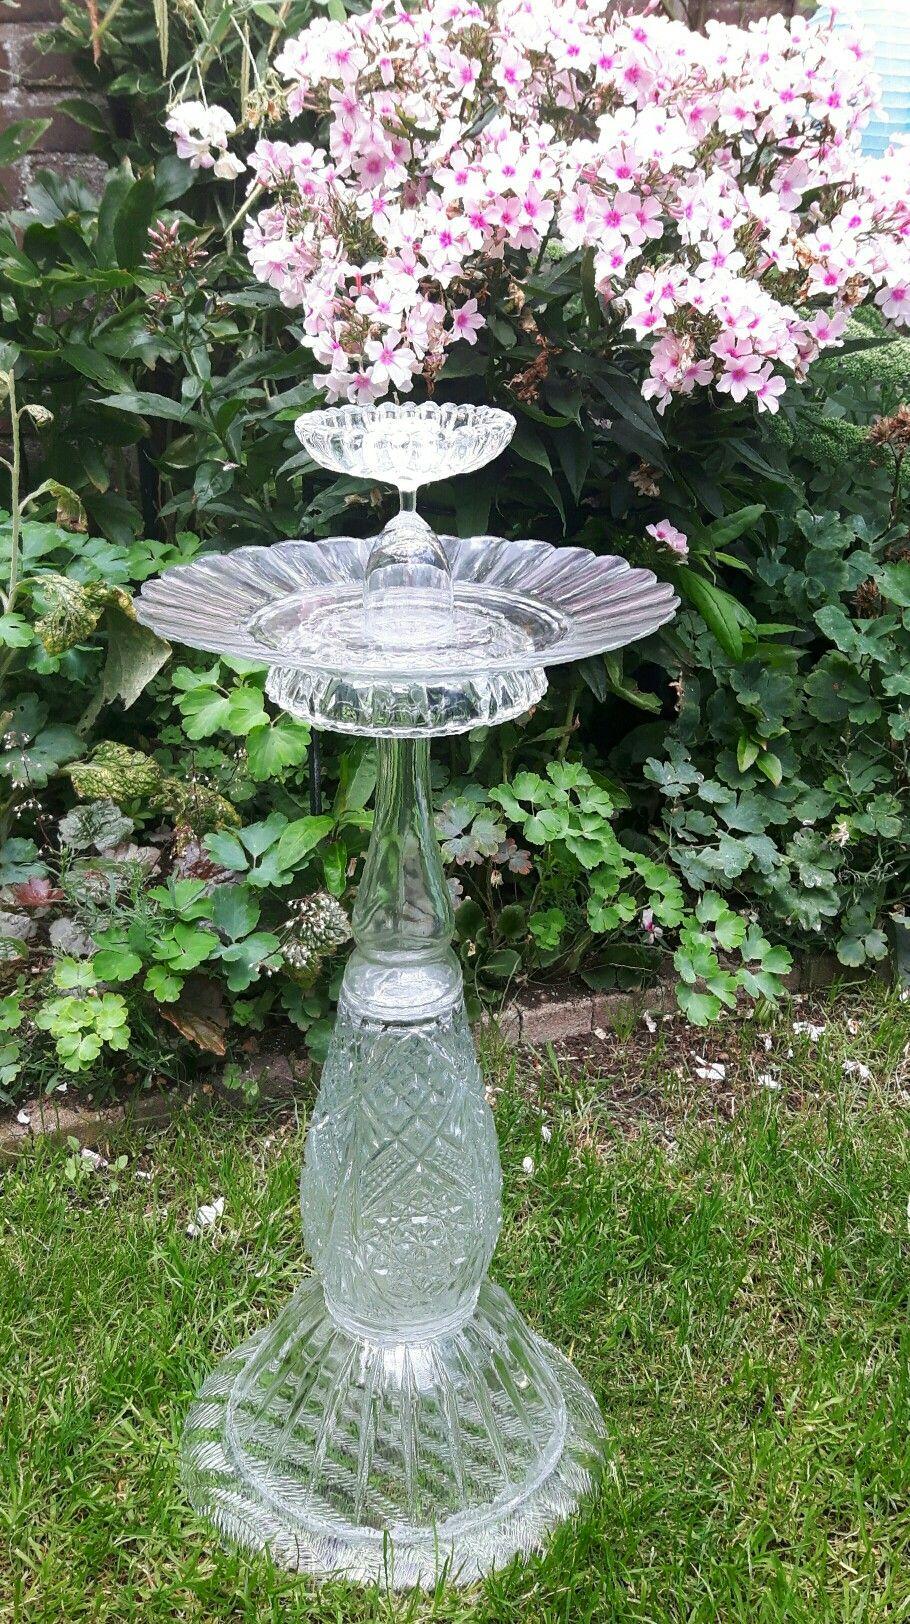 Glass Birdbath / bird feeder